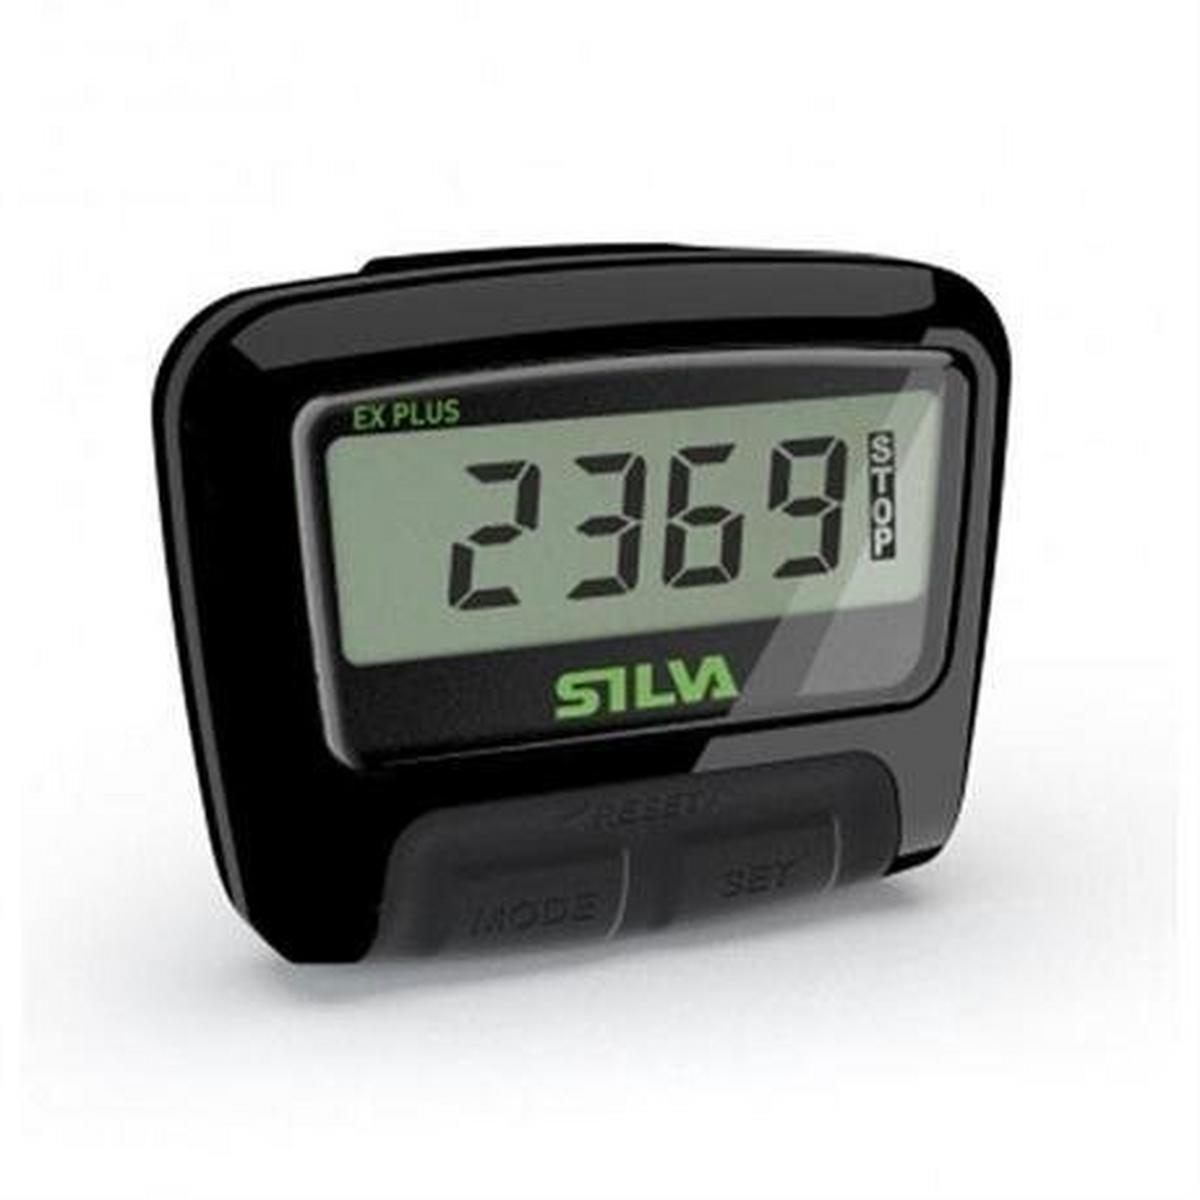 Silva Pedometer EX Plus